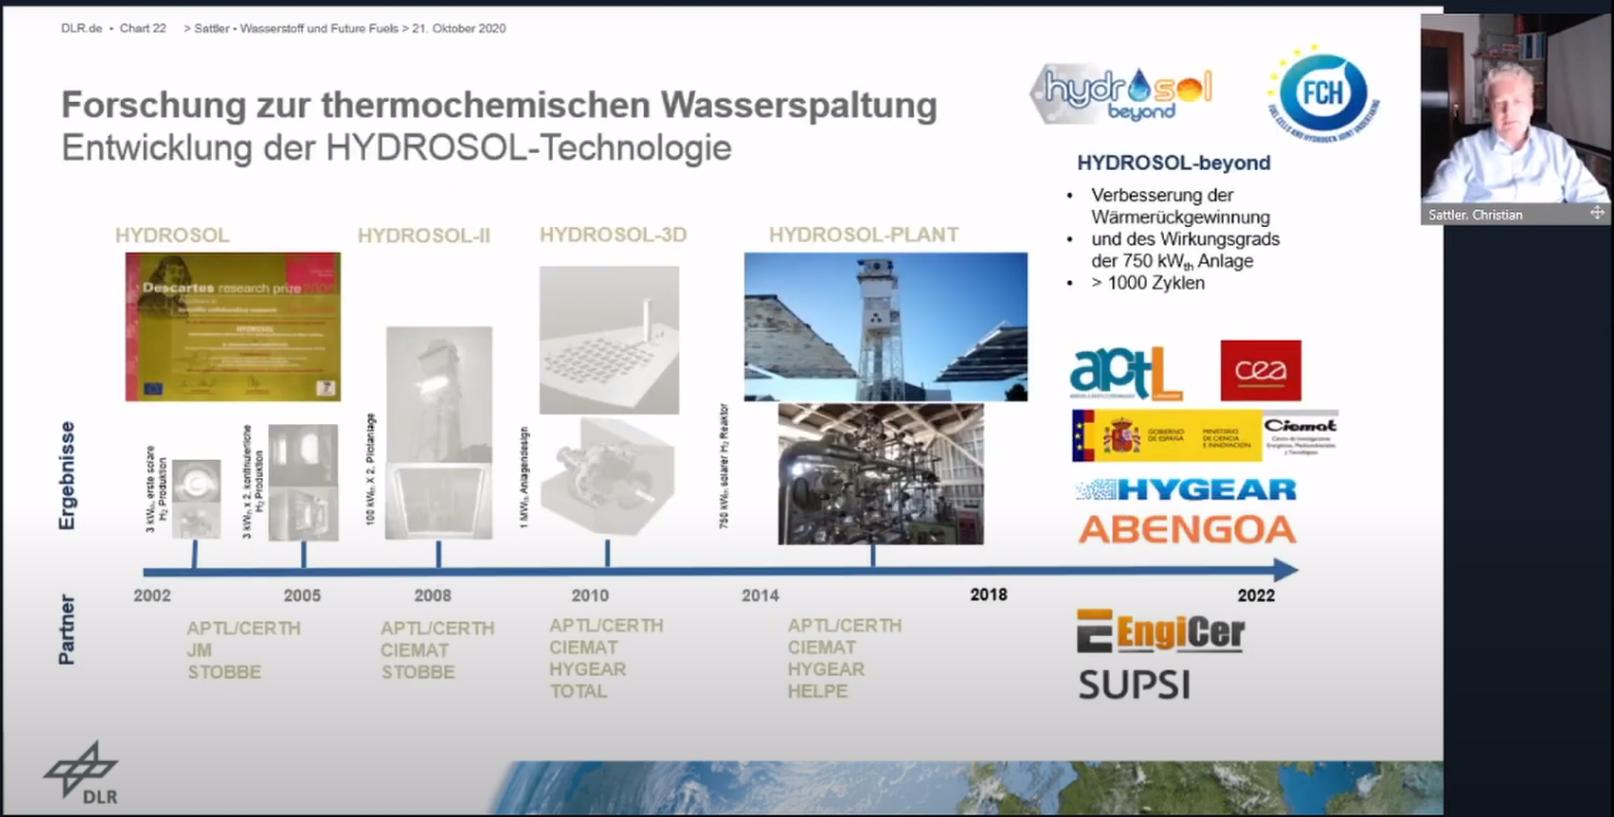 """Screenshot aus dem Skype-Vortrag von Christian Sattler. Überschrift der großflächigen Vortragsfolie: """"Forschung zur thermochemischen Wasserspaltung - Entwicklung der HYDROSOL-Technologie."""" Auf dem Zeitstrahl darunter von 2002 bis 2022 befinden sich die Projekte HYDROSOL, HYDROSOL-II, HYDROSOL-3D, HYDROSOL-PLANT und HYDROSOL-beyond. Bei HYDROSOL-beyond steht: """"Verbesserung der Wärmerückgewinnung und des Wirkungsgrads der 750 kWth-Anlage. Mehr als 1000 Zyklen."""" Der Zeitstrahl deutet mit einem Pfeil an, dass die HYDROSOL-Technologie immer noch weiterentwickelt wird. Unter dem Zeitstrahl stehen Projektpartner aus der Wissenschaft und Industrie. Die Anzahl liegt lange bei 3 bis 4 Partnern. Bei Hydrosol-beyond sind es plötzlich 7 Partner. Oben rechts in der Ecke ist das Kamerabild des Vortragenden Christian Sattler zu sehen."""